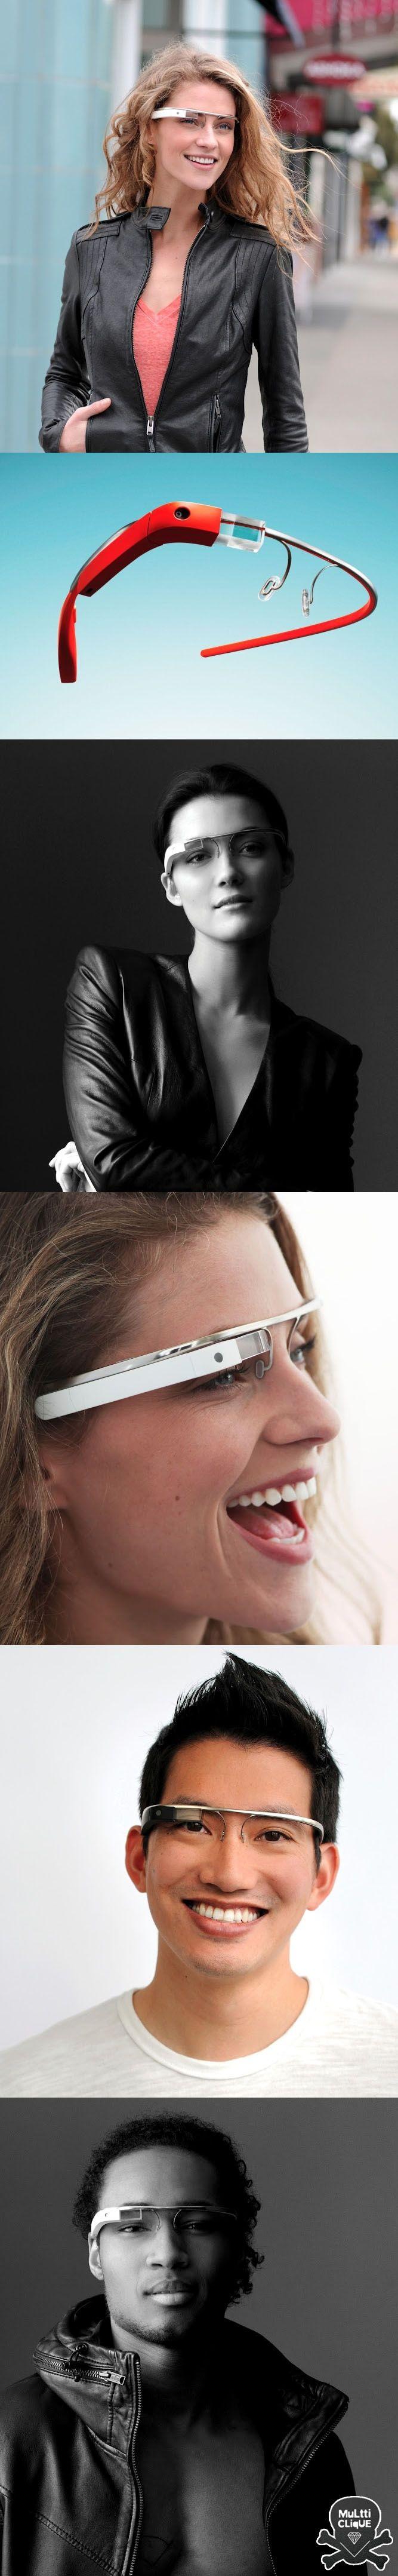 es una nueva tecnologia que ha salido llamada tecnologia retina